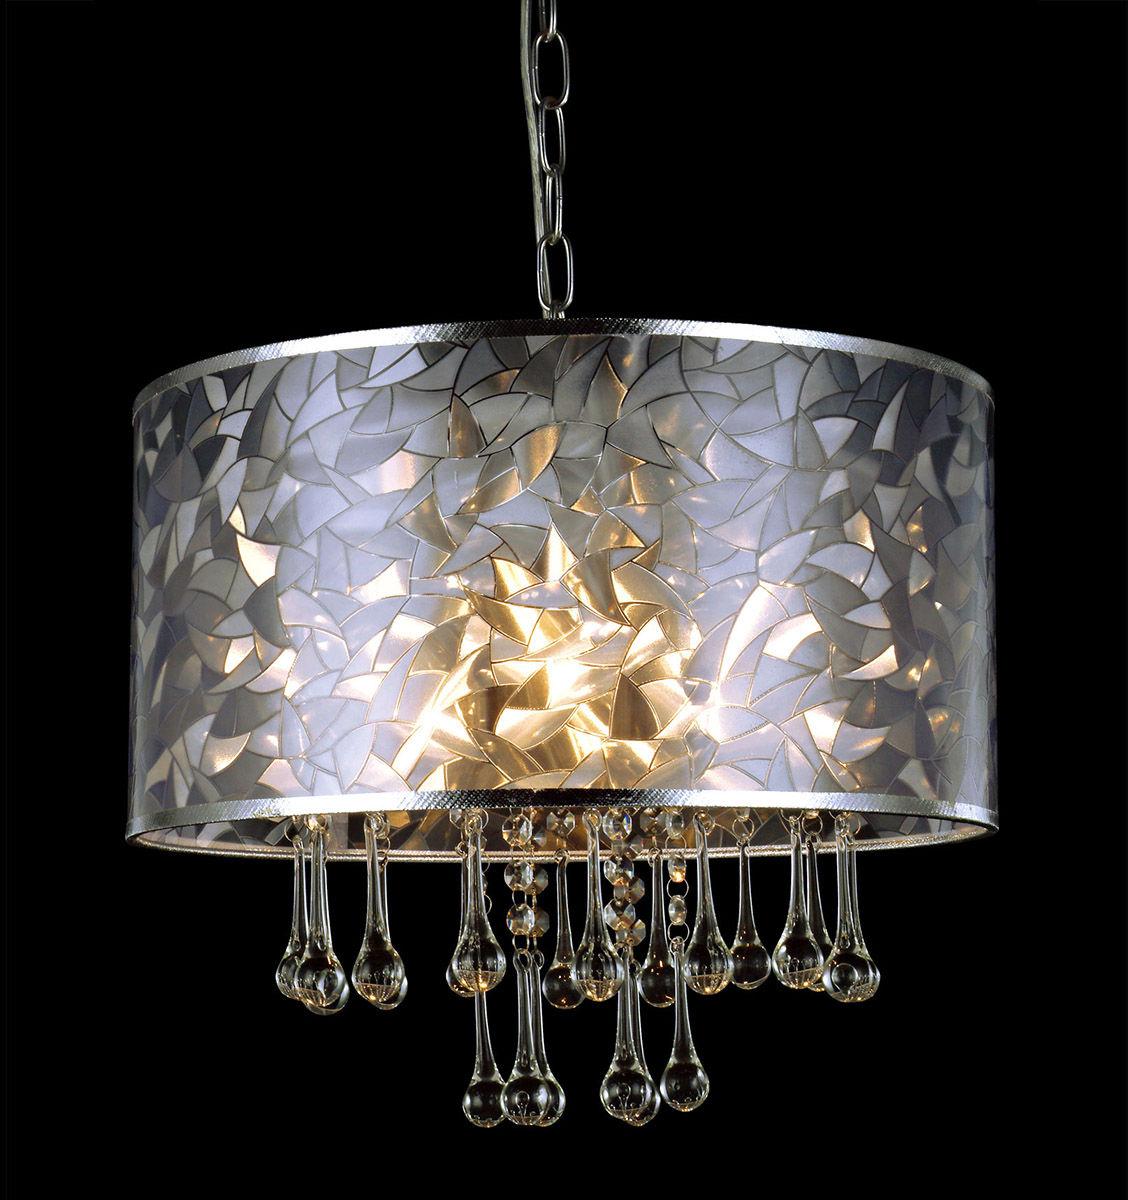 Italux lampa wisząca Cleo MDM2027/3 abażur kryształki 40cm